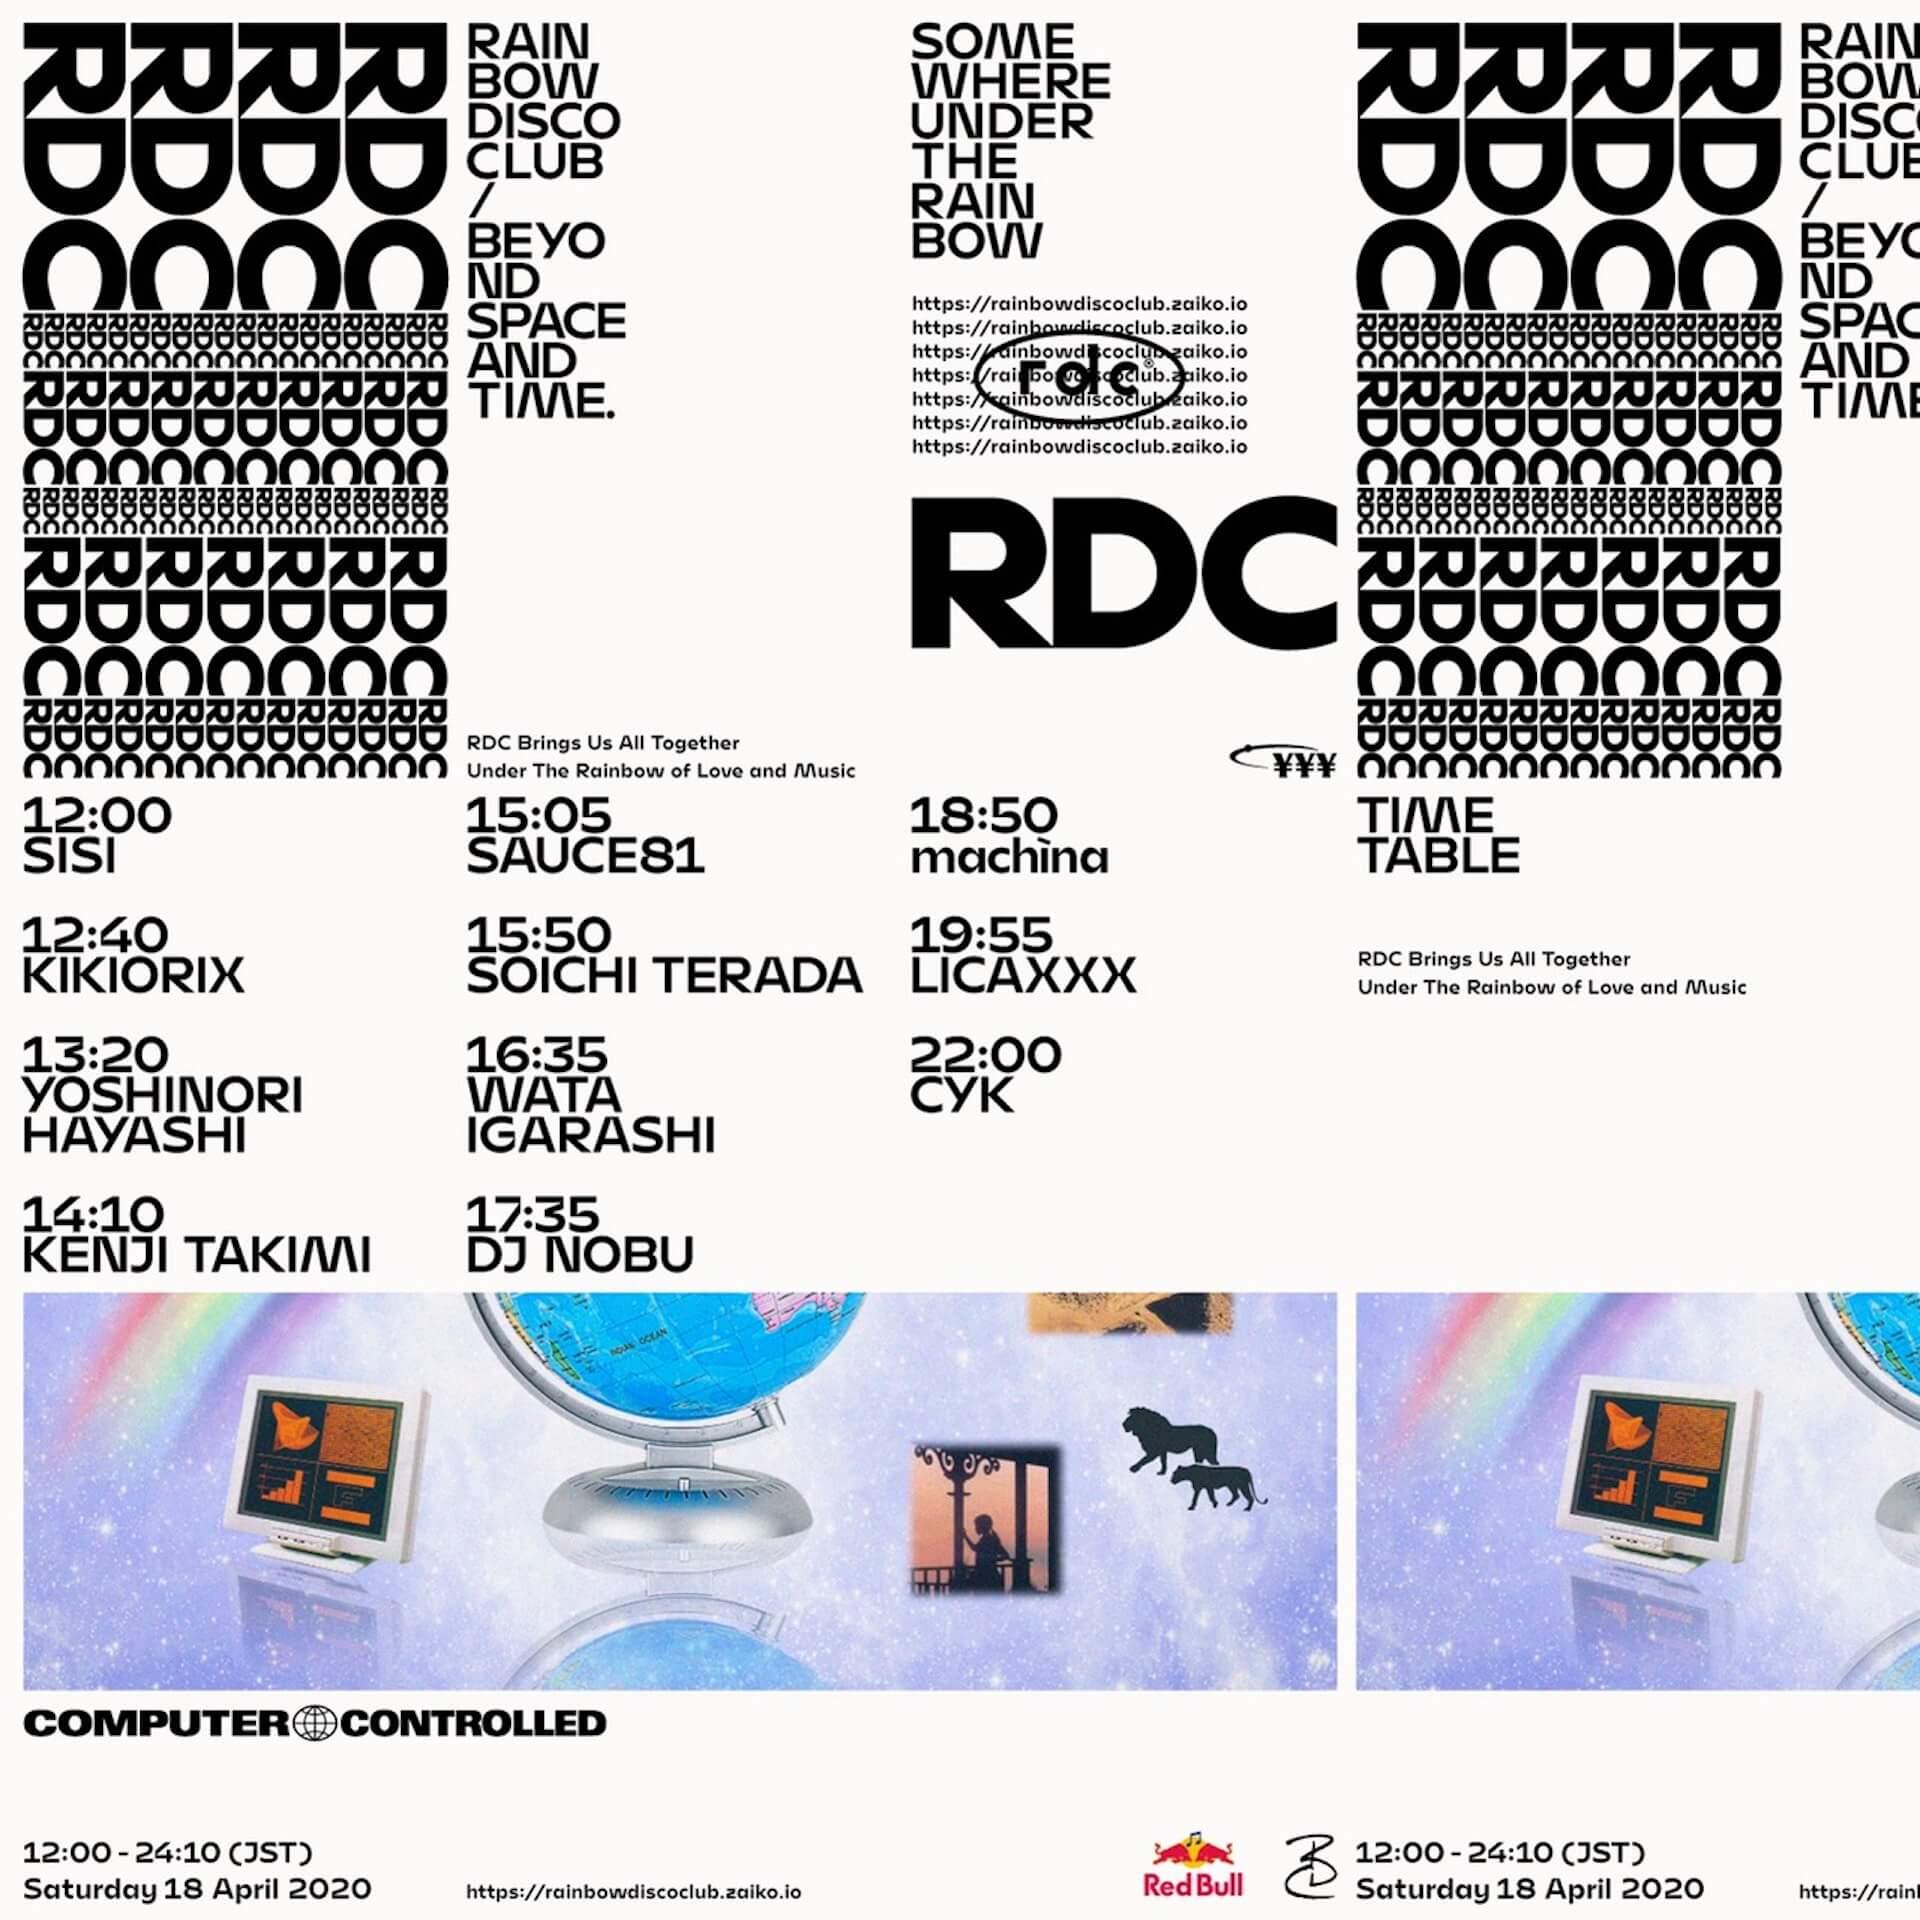 <Rainbow Disco Club>配信イベントのタイムテーブルが解禁!DJ Nobu、sauce81、Licaxxx、CYKら登場 music200415_rainbowdiscoclub_4